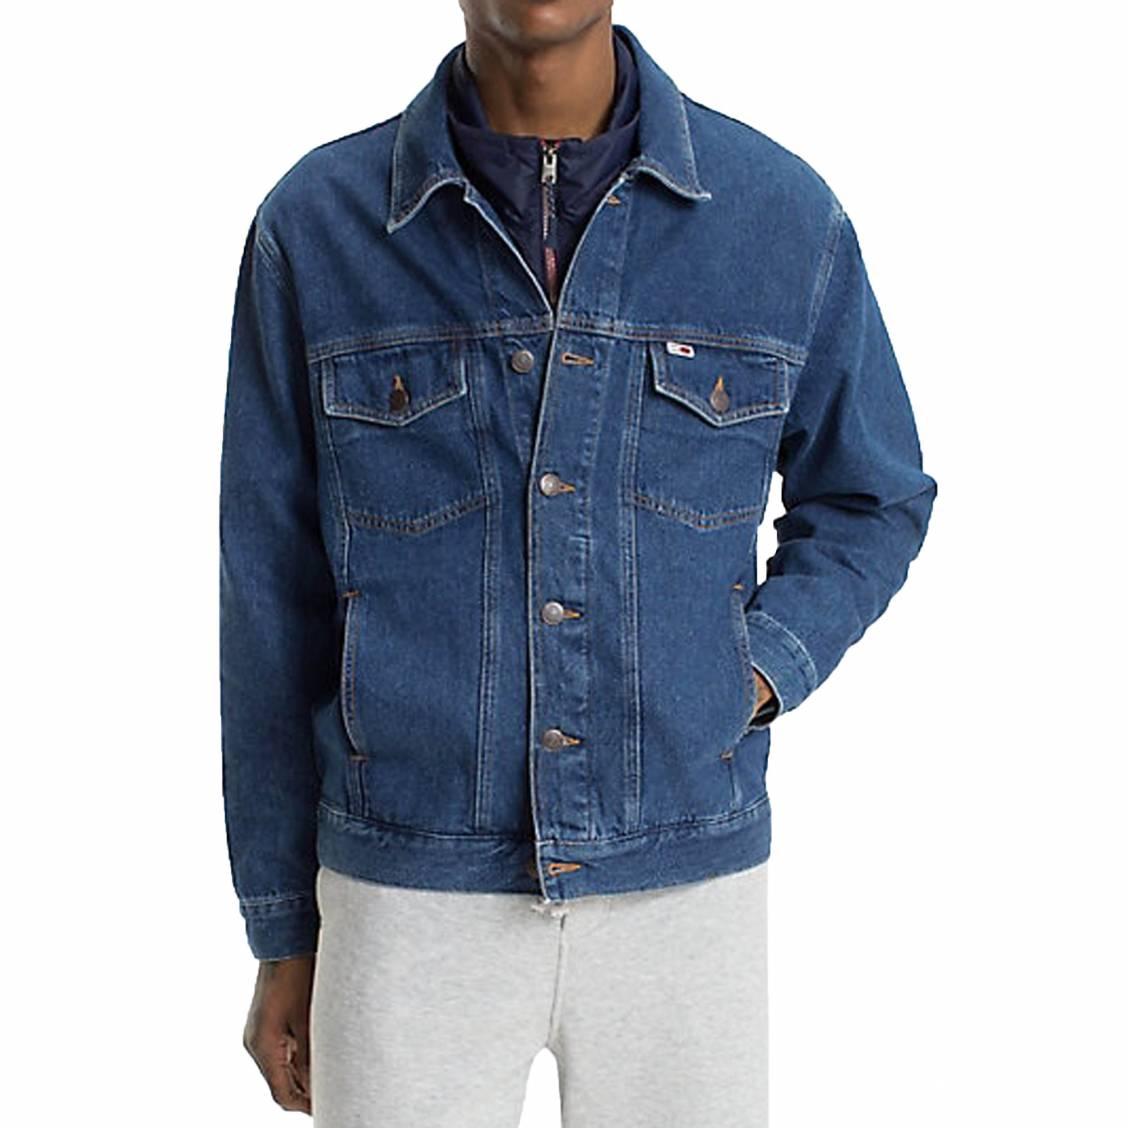 Jeans Classics Tommy En Veste Coton Des Jean Bleu Hommes Rue qfRA61